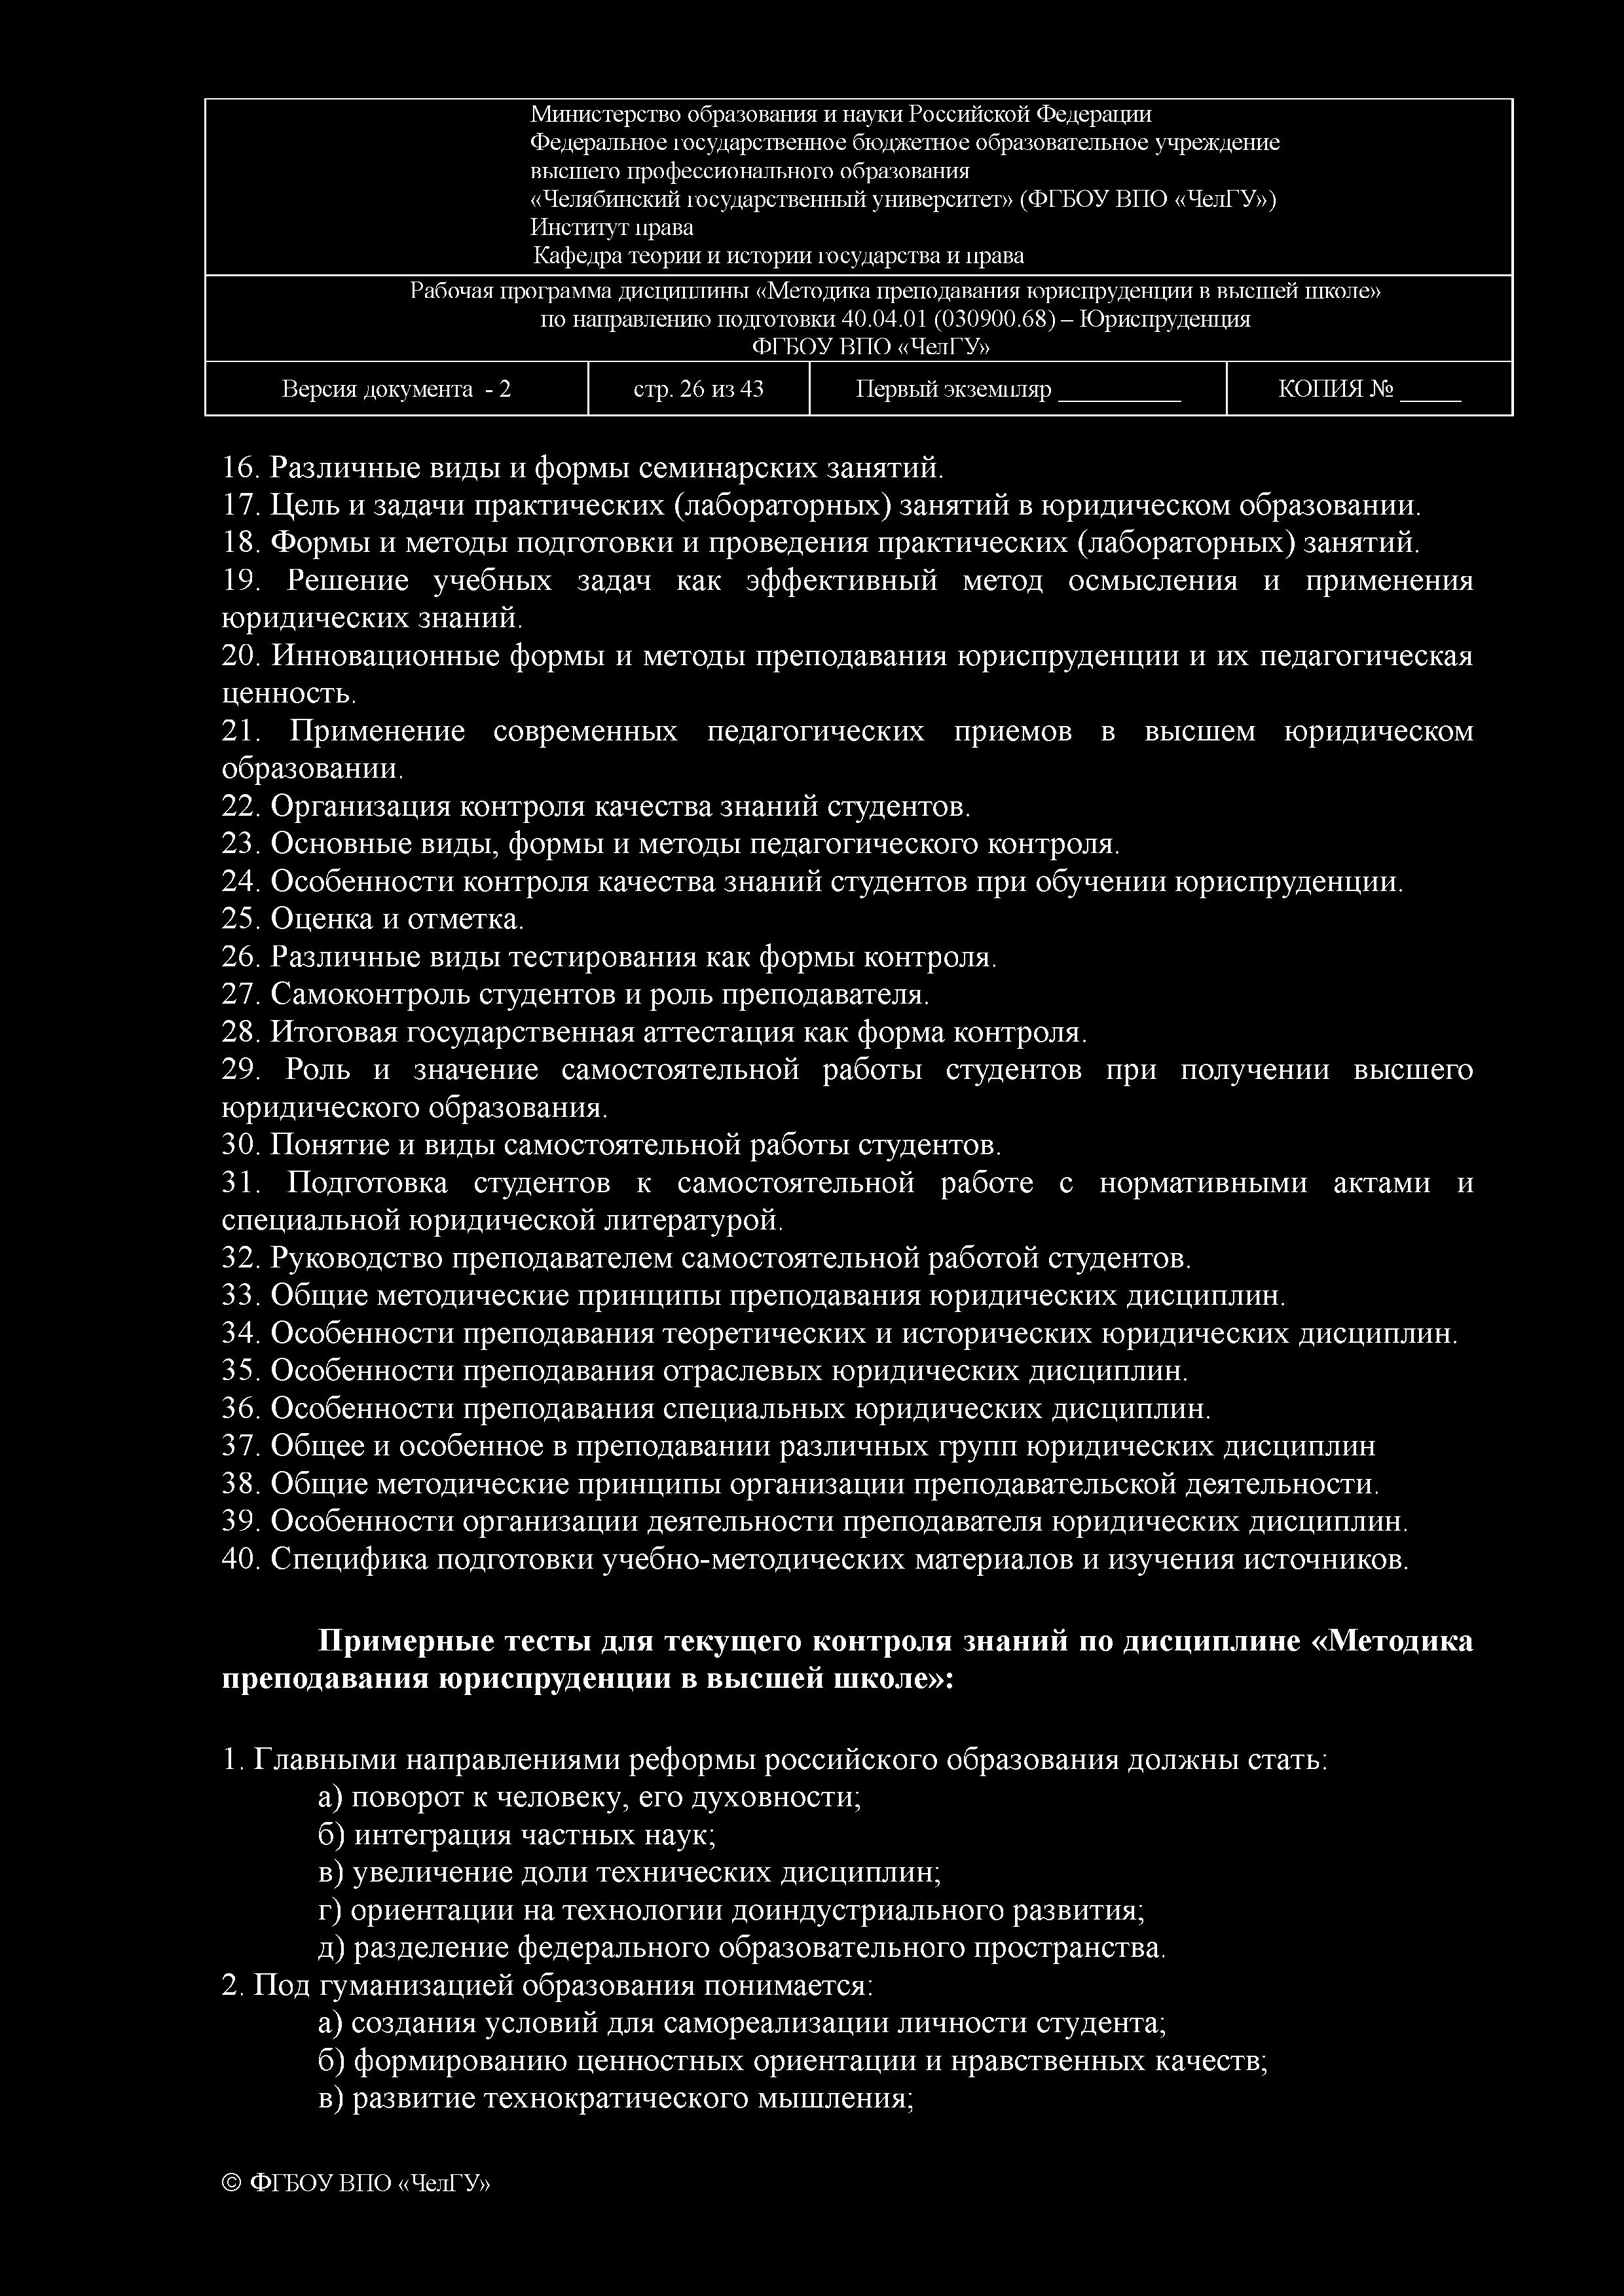 Как подготовить семинар: 11 шагов (с иллюстрациями)